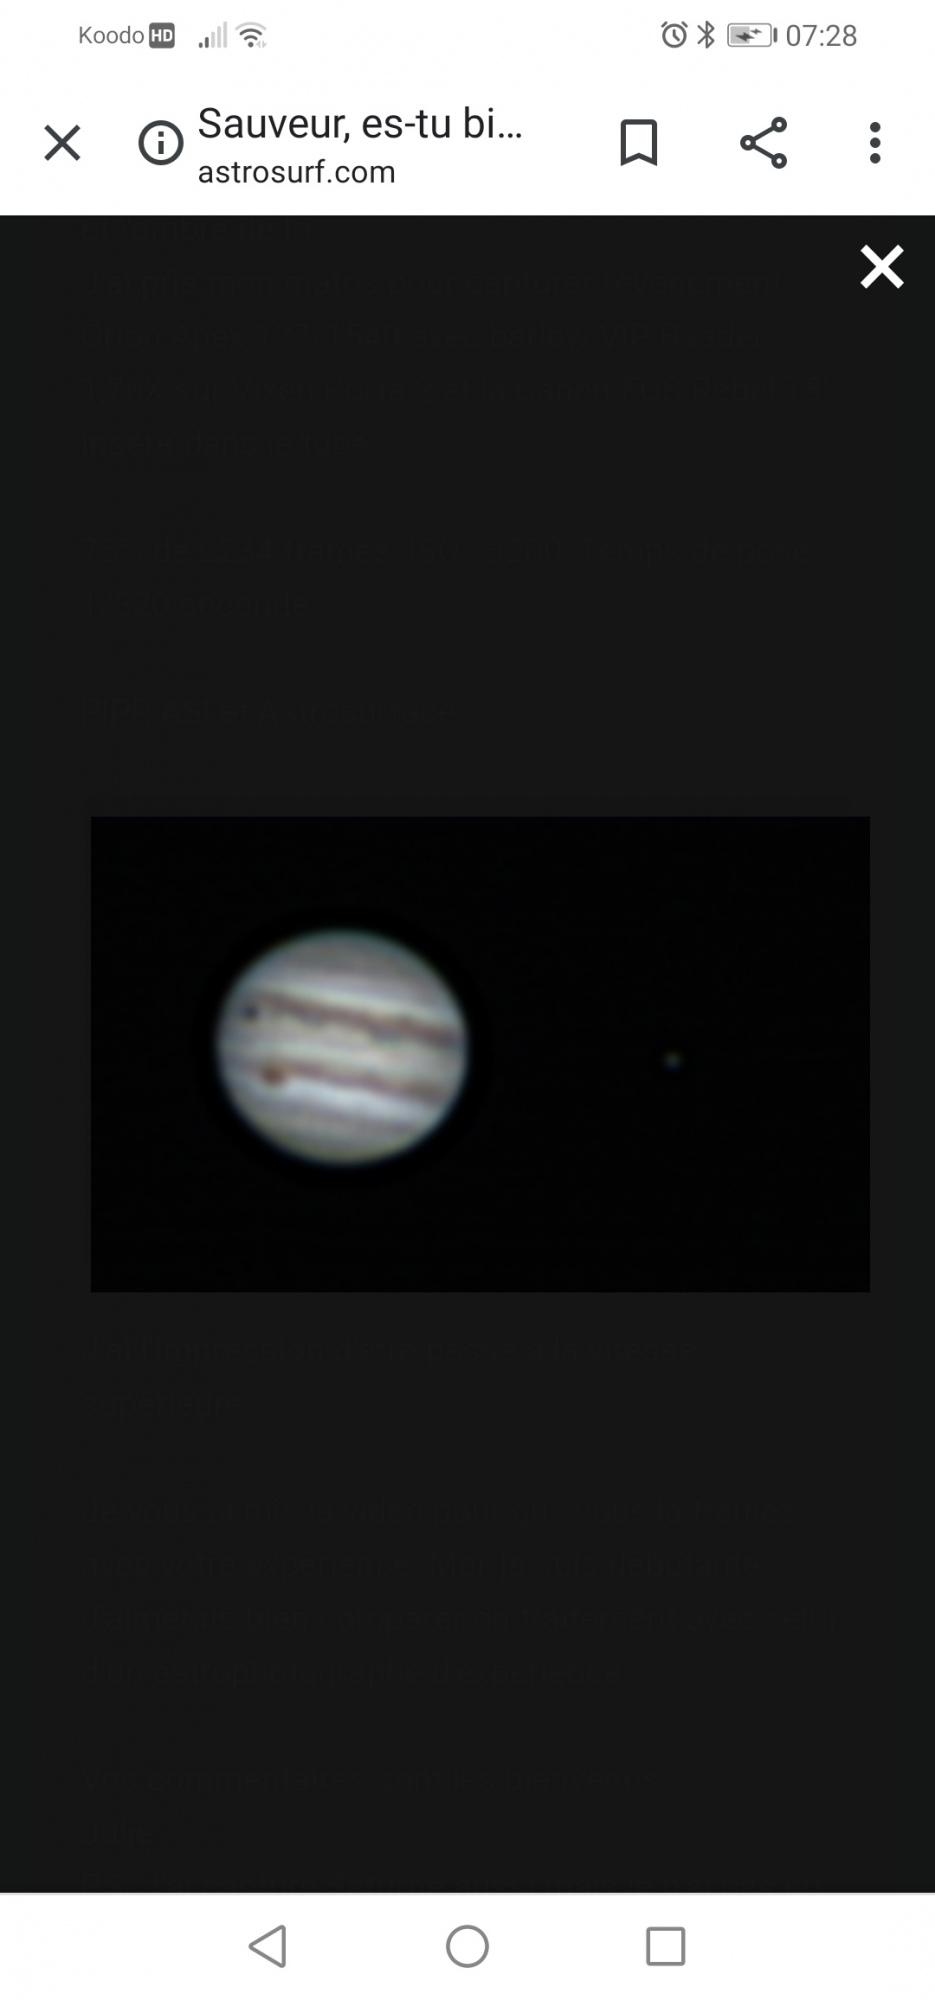 Screenshot_20200810_072841_com.android.chrome.thumb.jpg.46dcfc2a4bd9eed0b04d1f05b753bea4.jpg